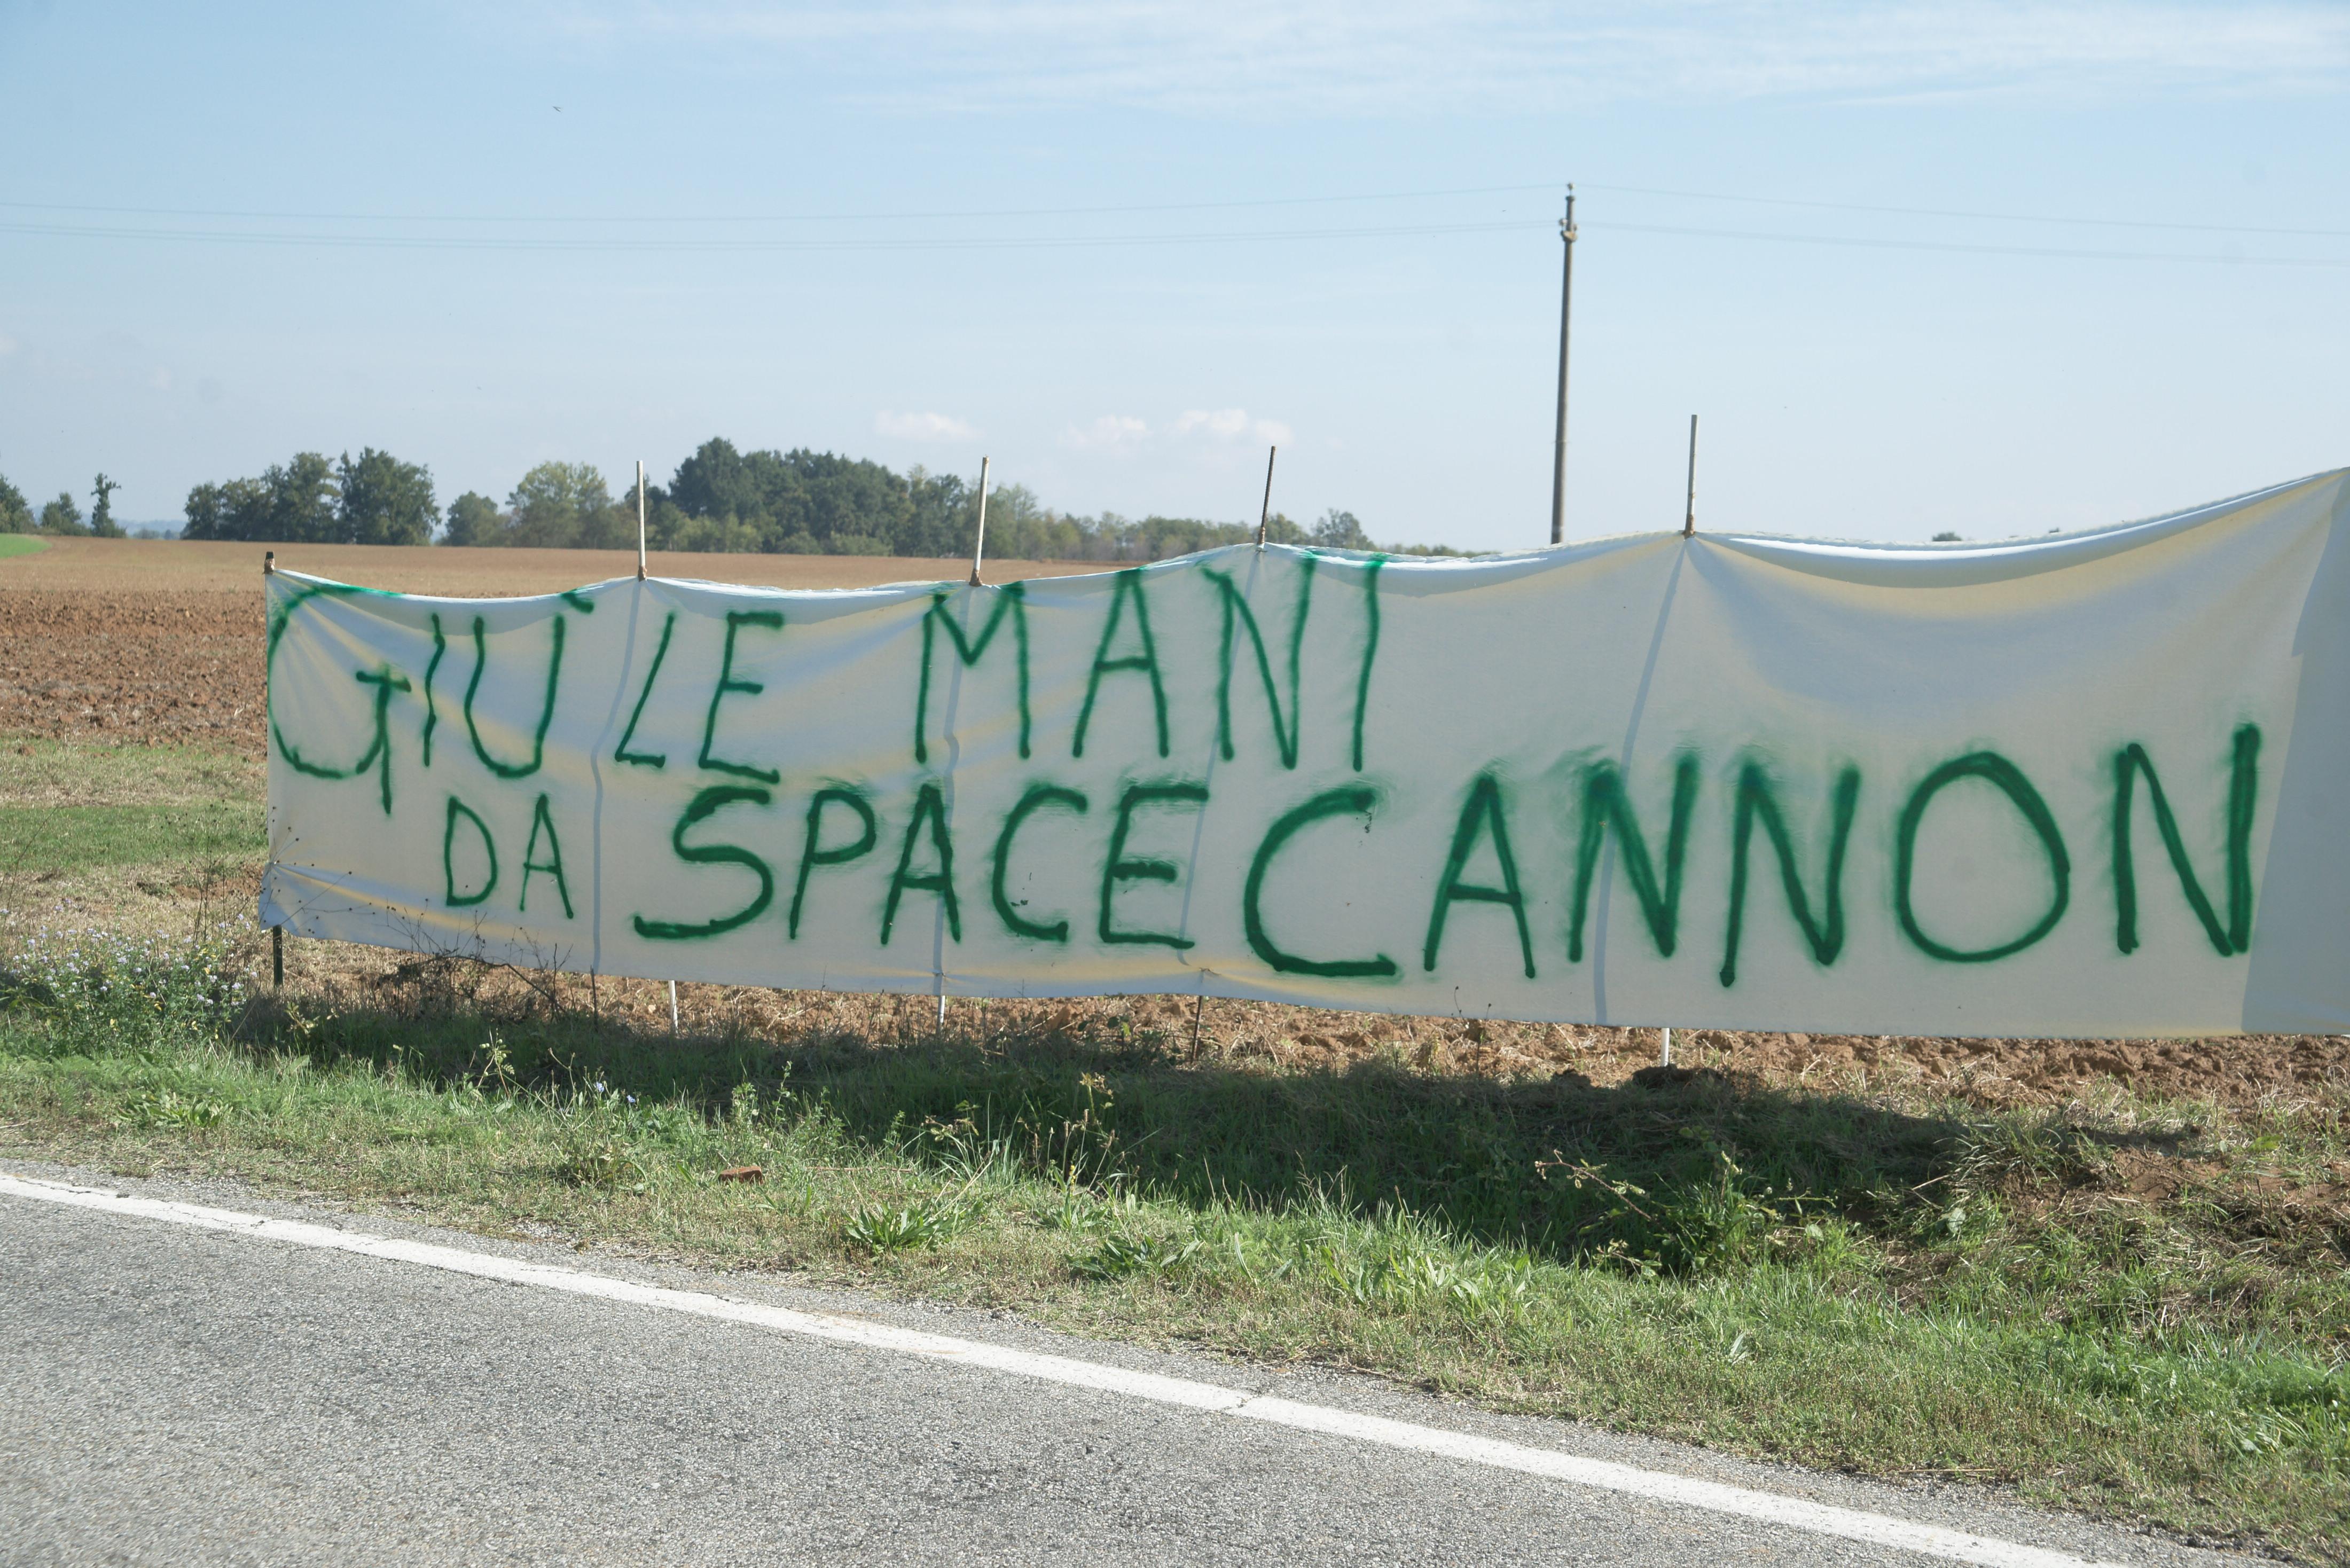 space cannon, lavoro